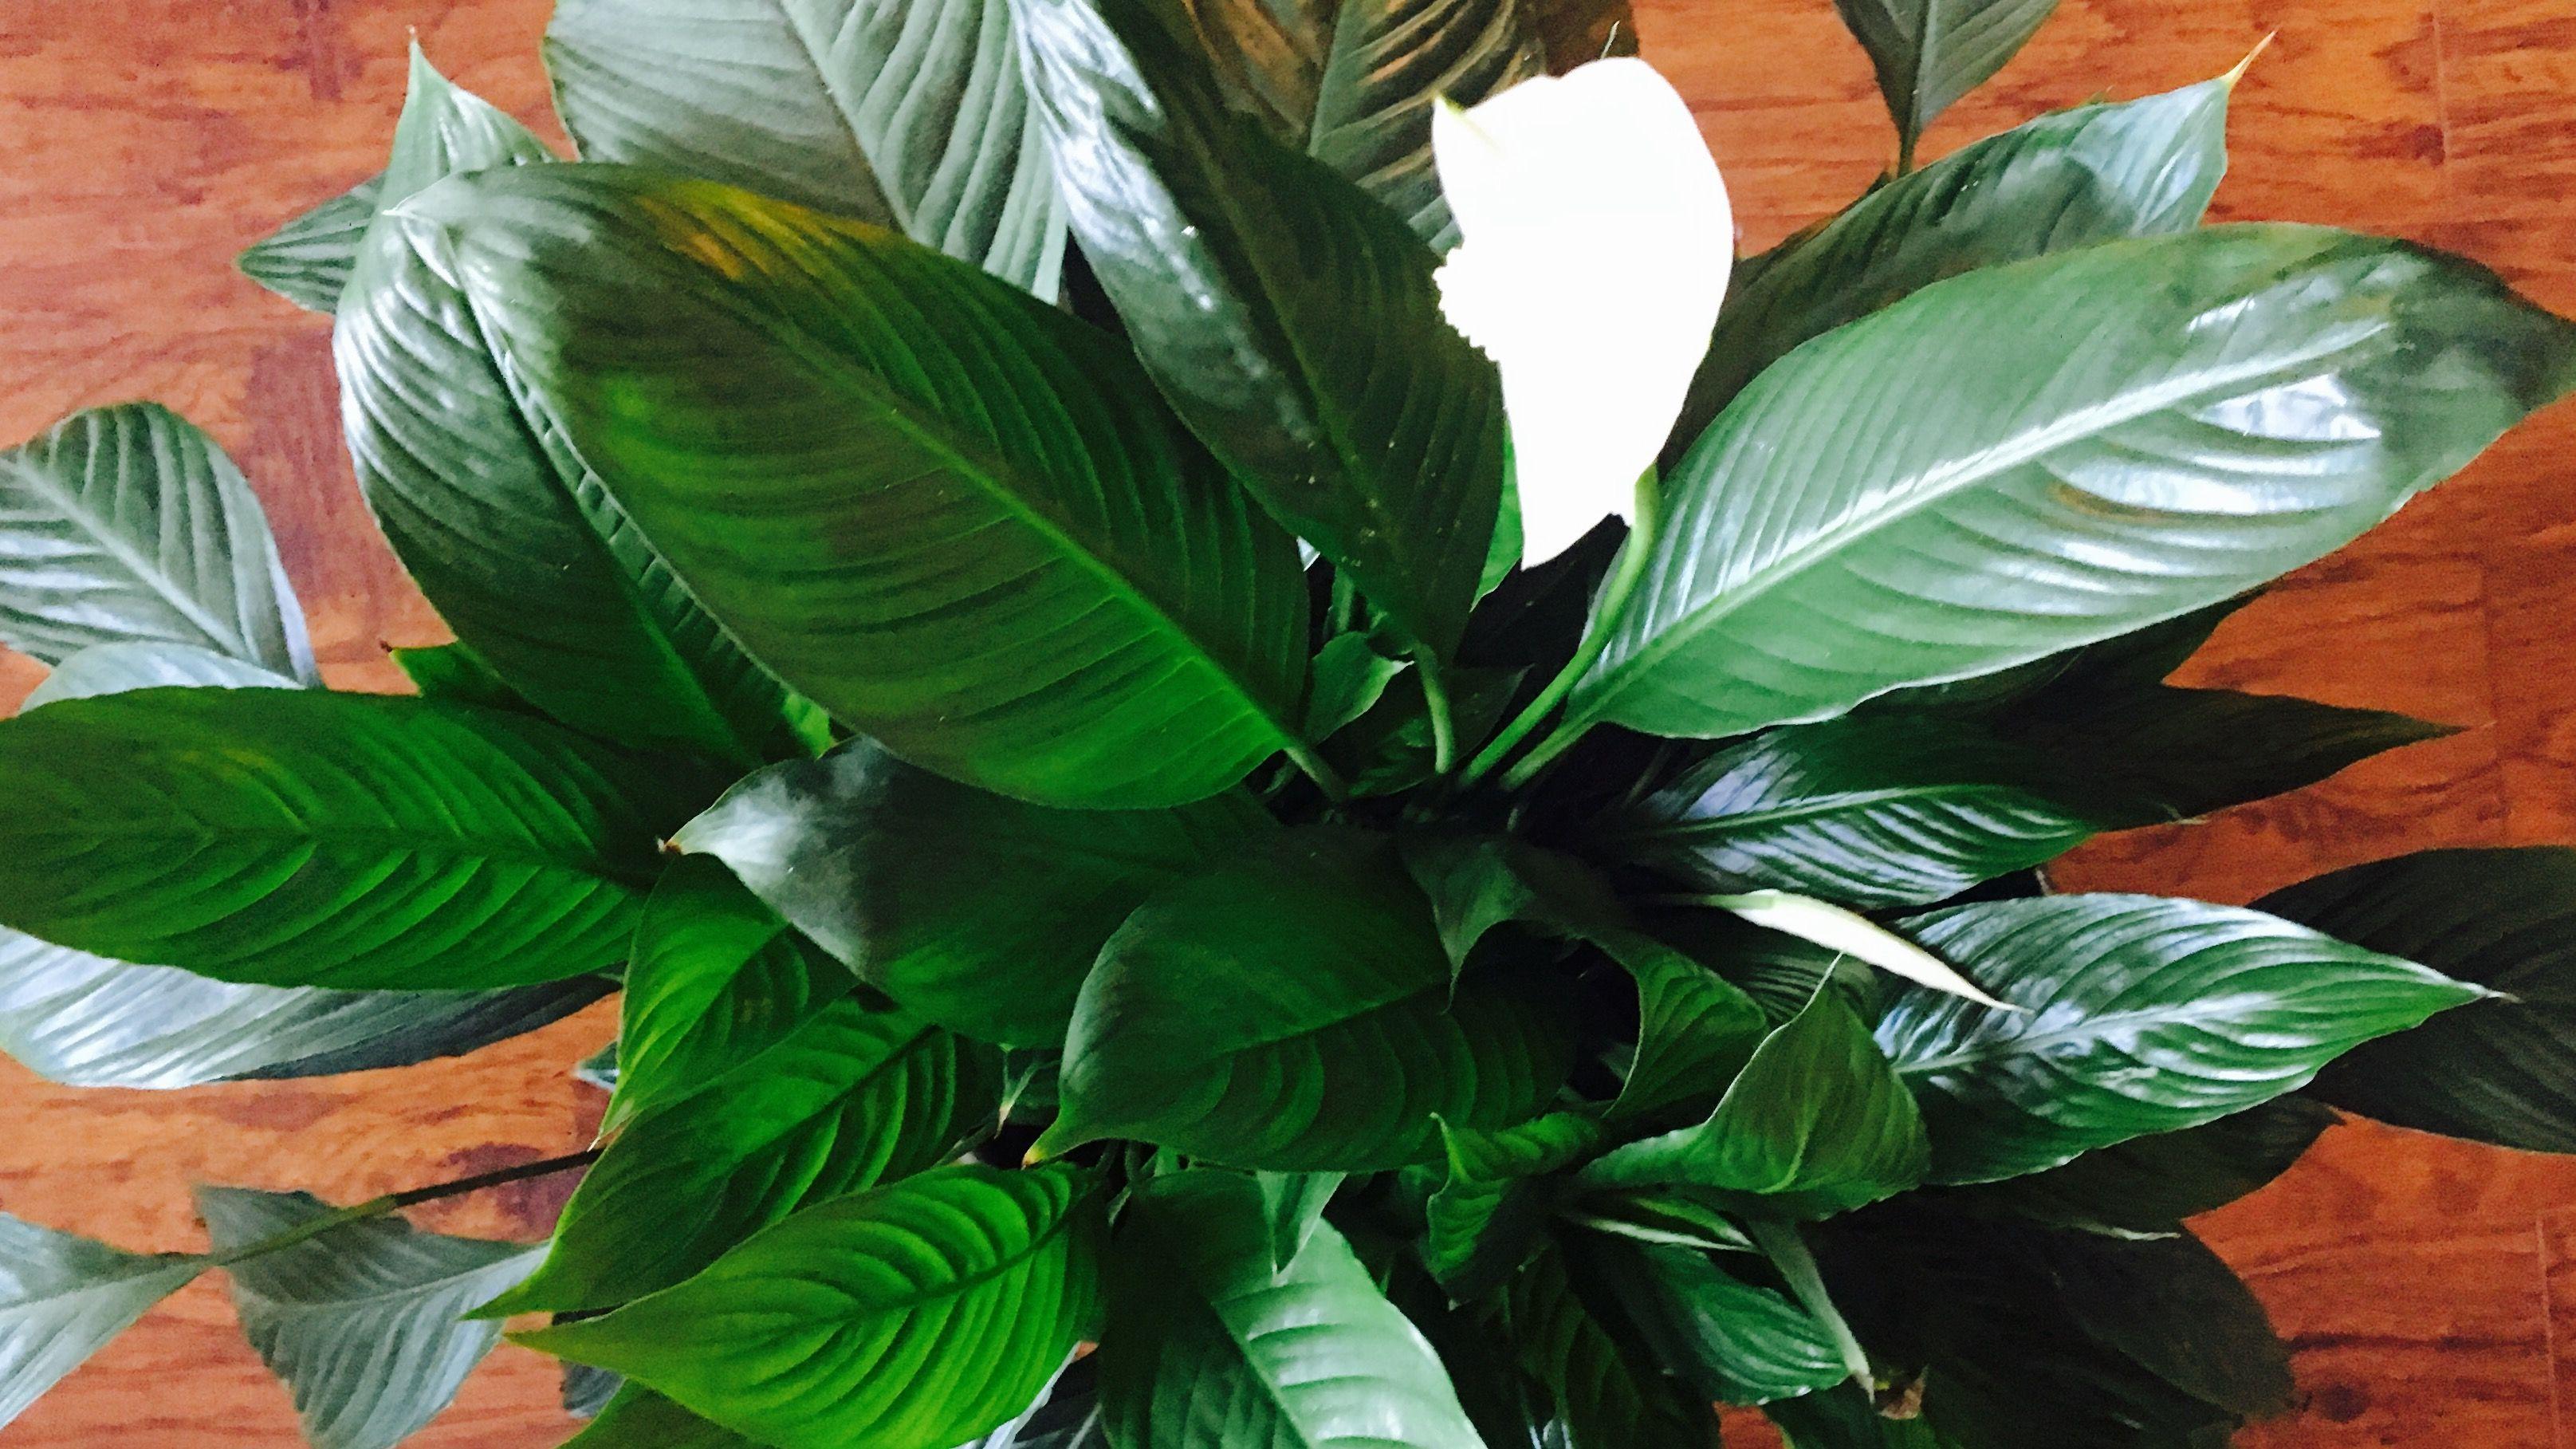 Jakie Rosliny Warto Miec W Domu Ekoistycznie Plant Leaves Plants Leaves